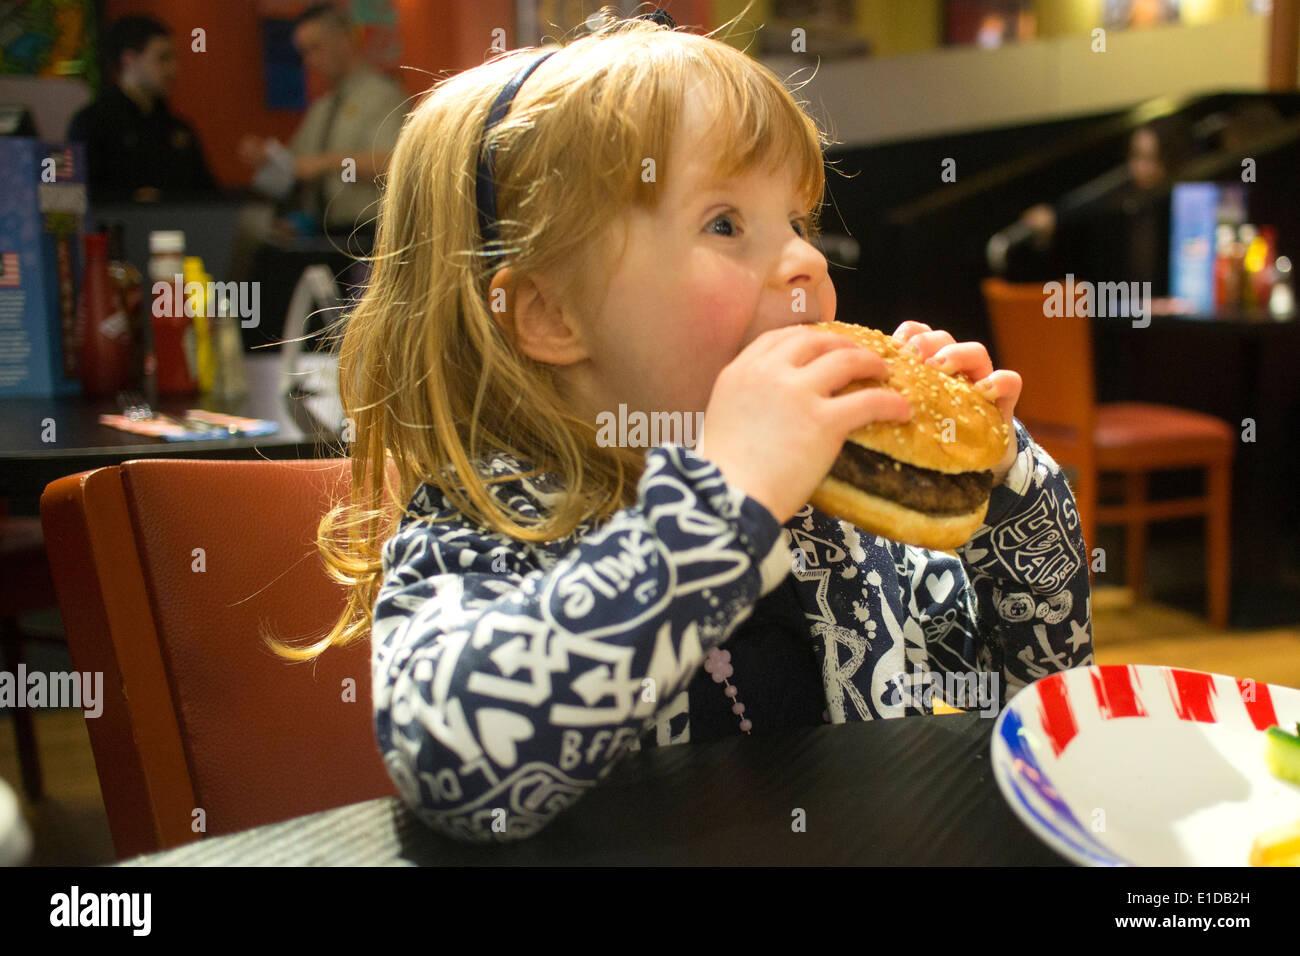 Quattro 4 anno vecchia ragazza nel ristorante mangiare formaggio hamburger Immagini Stock